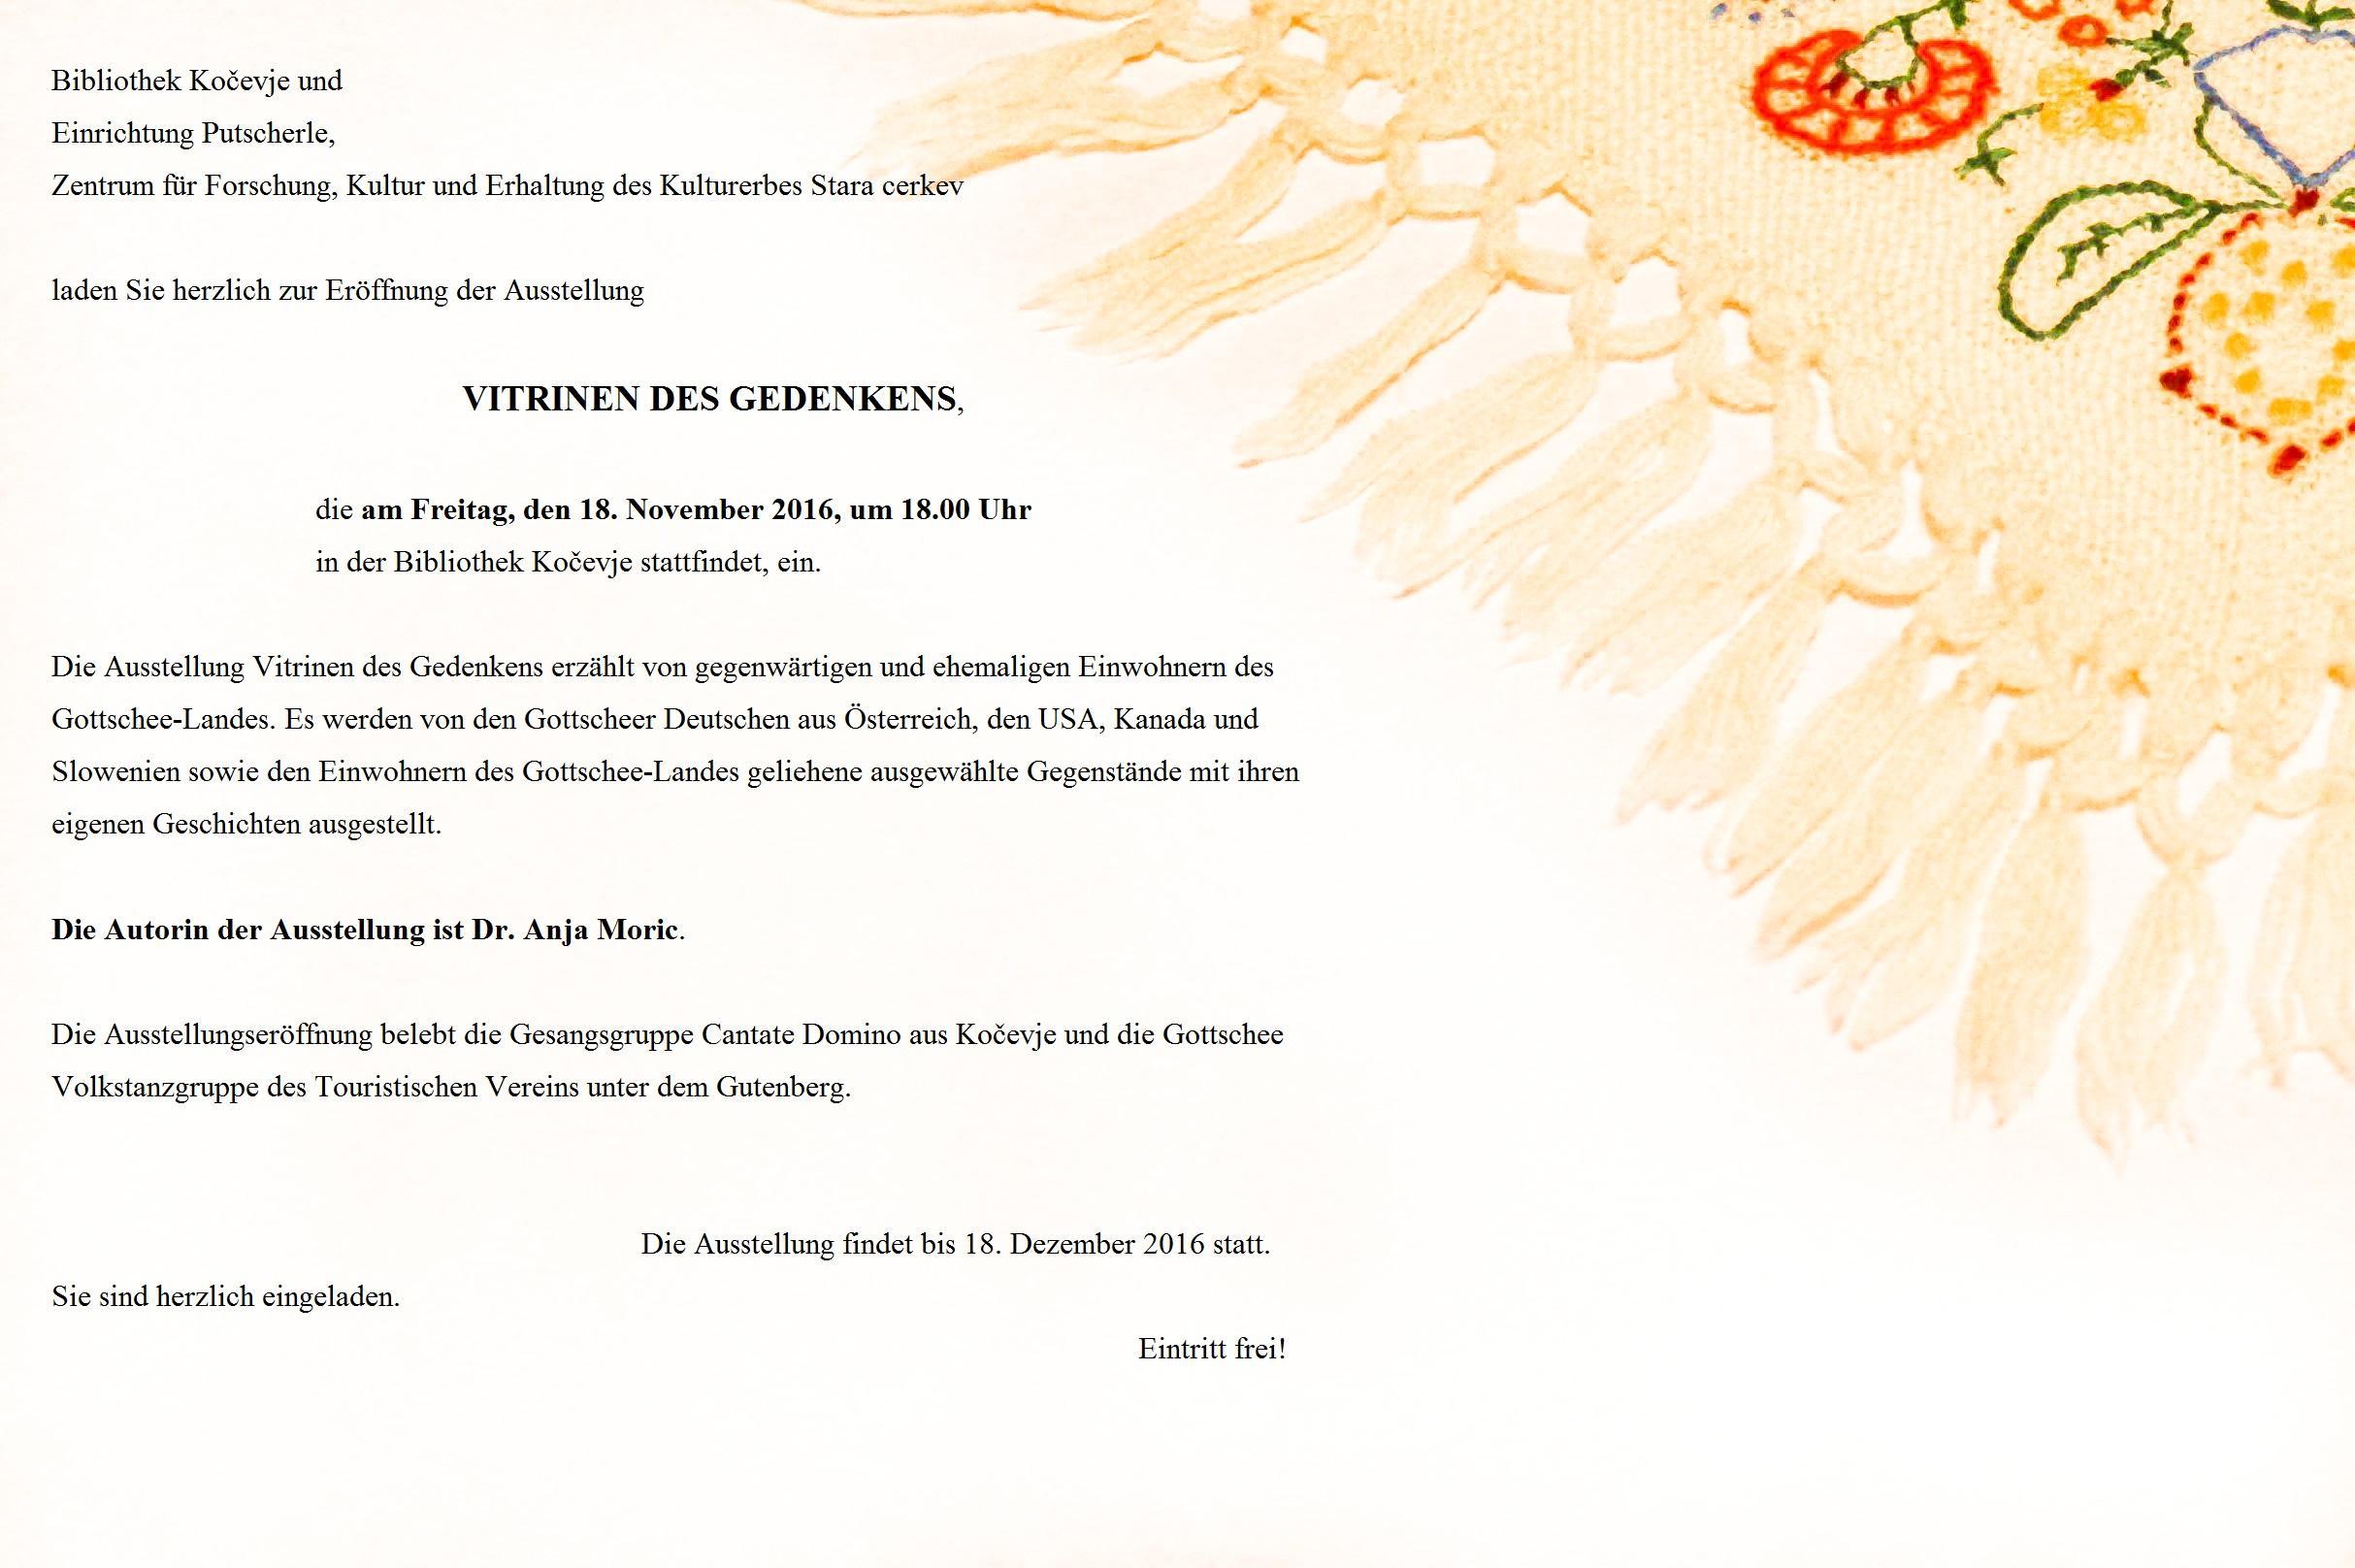 Eröffnung der Ausstellung VITRINEN DES GEDENKENS